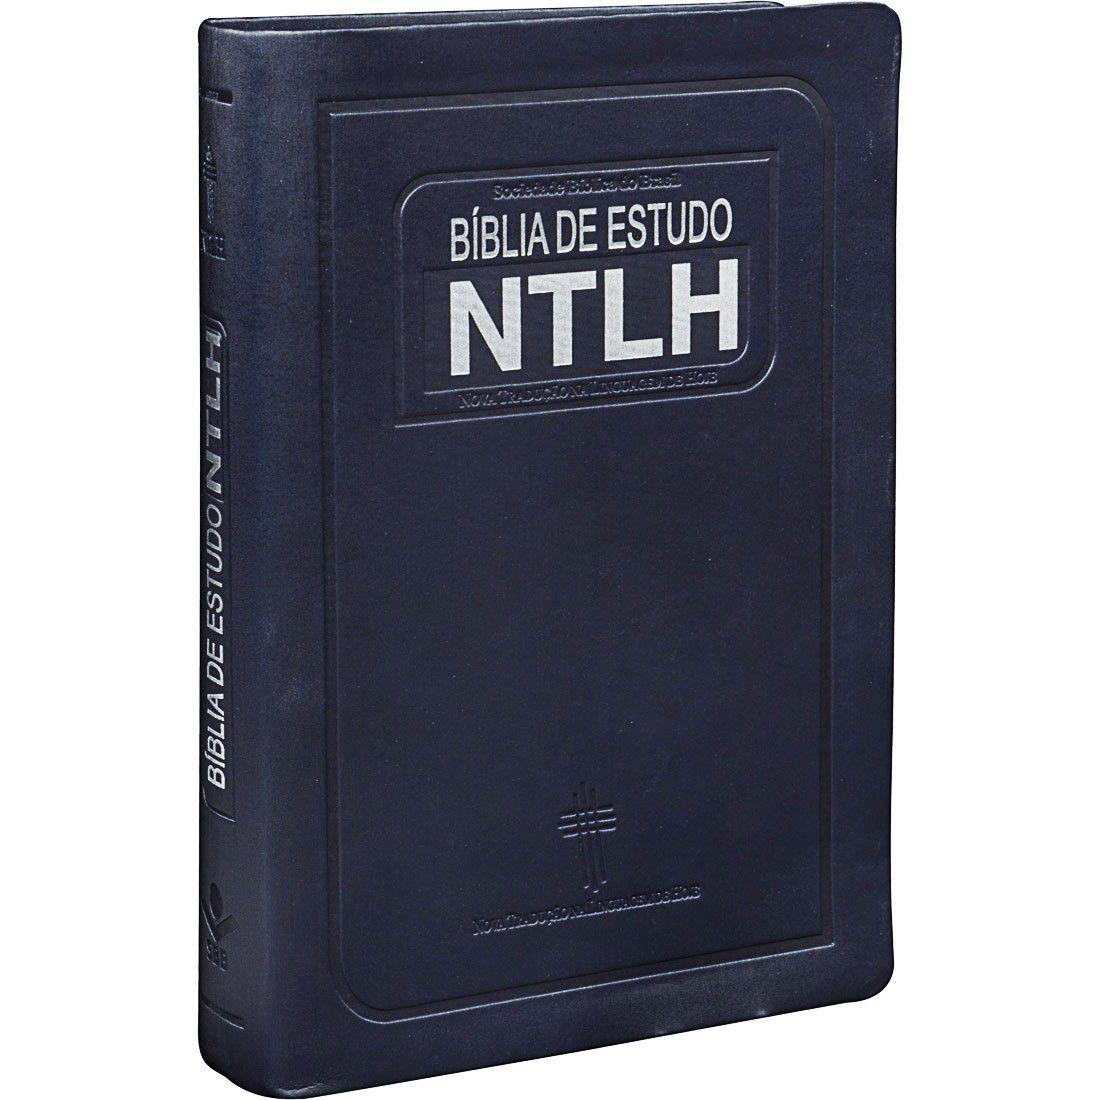 Bíblia de Estudo  NTLH - Linguagem Fácil